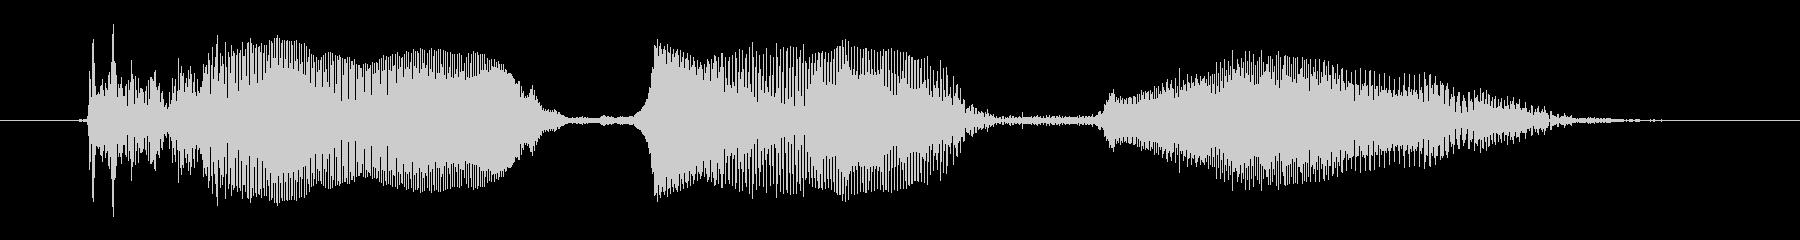 リトルレッドモンスター:アイラブユーの未再生の波形